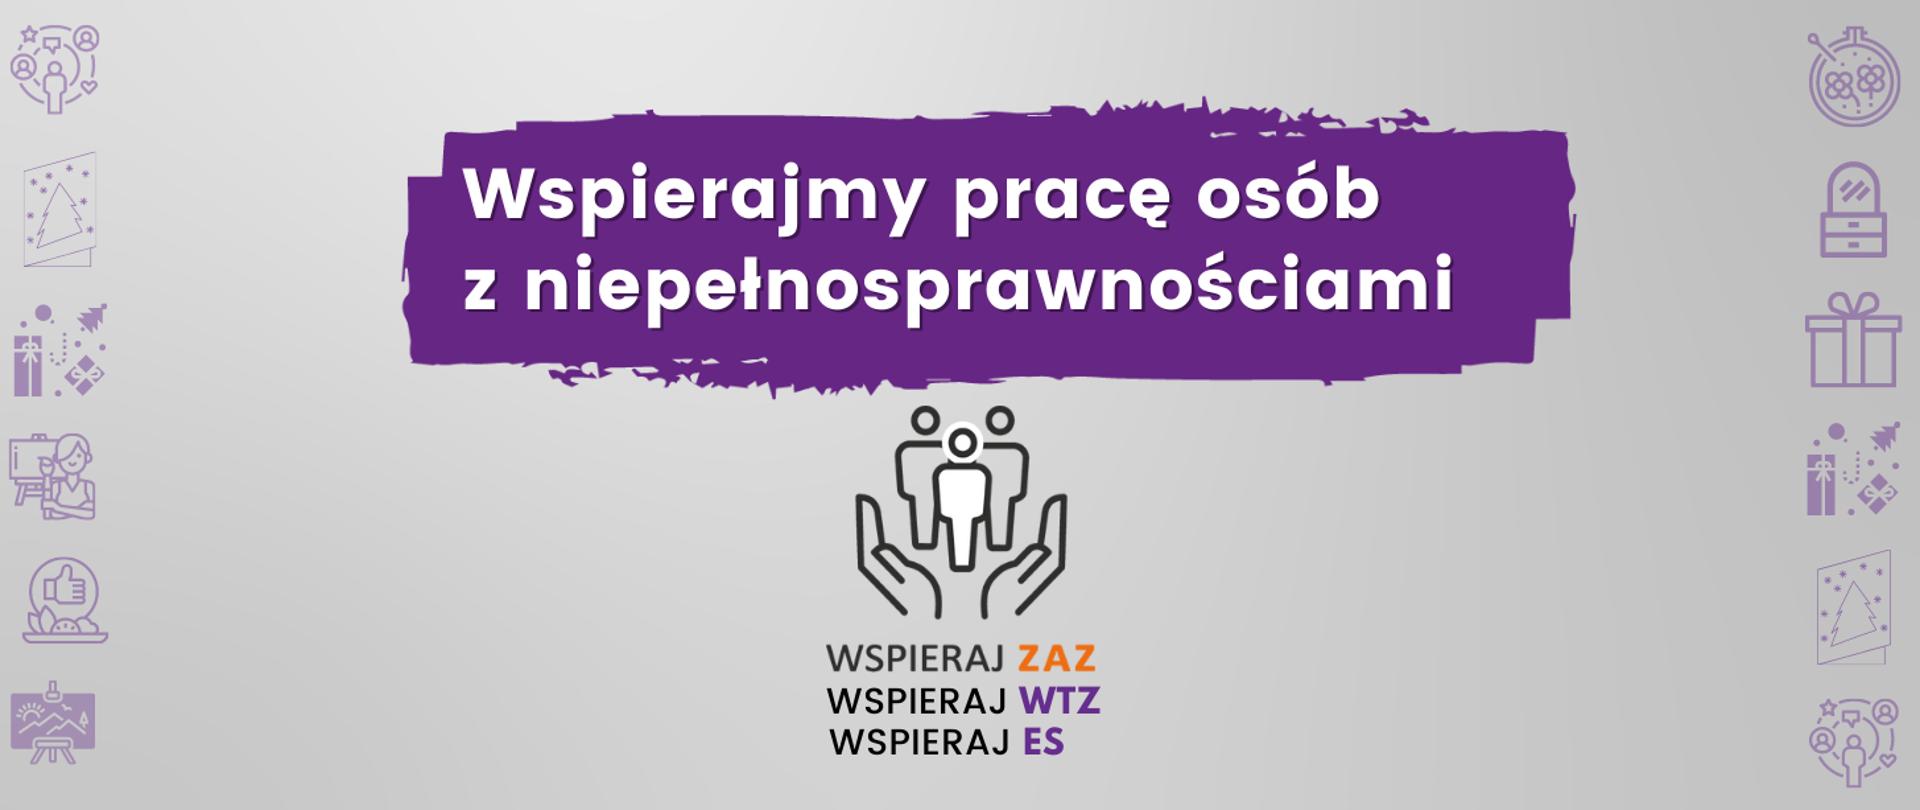 Grafika: Wspierajmy pracę osób z niepełnosprawnościami.